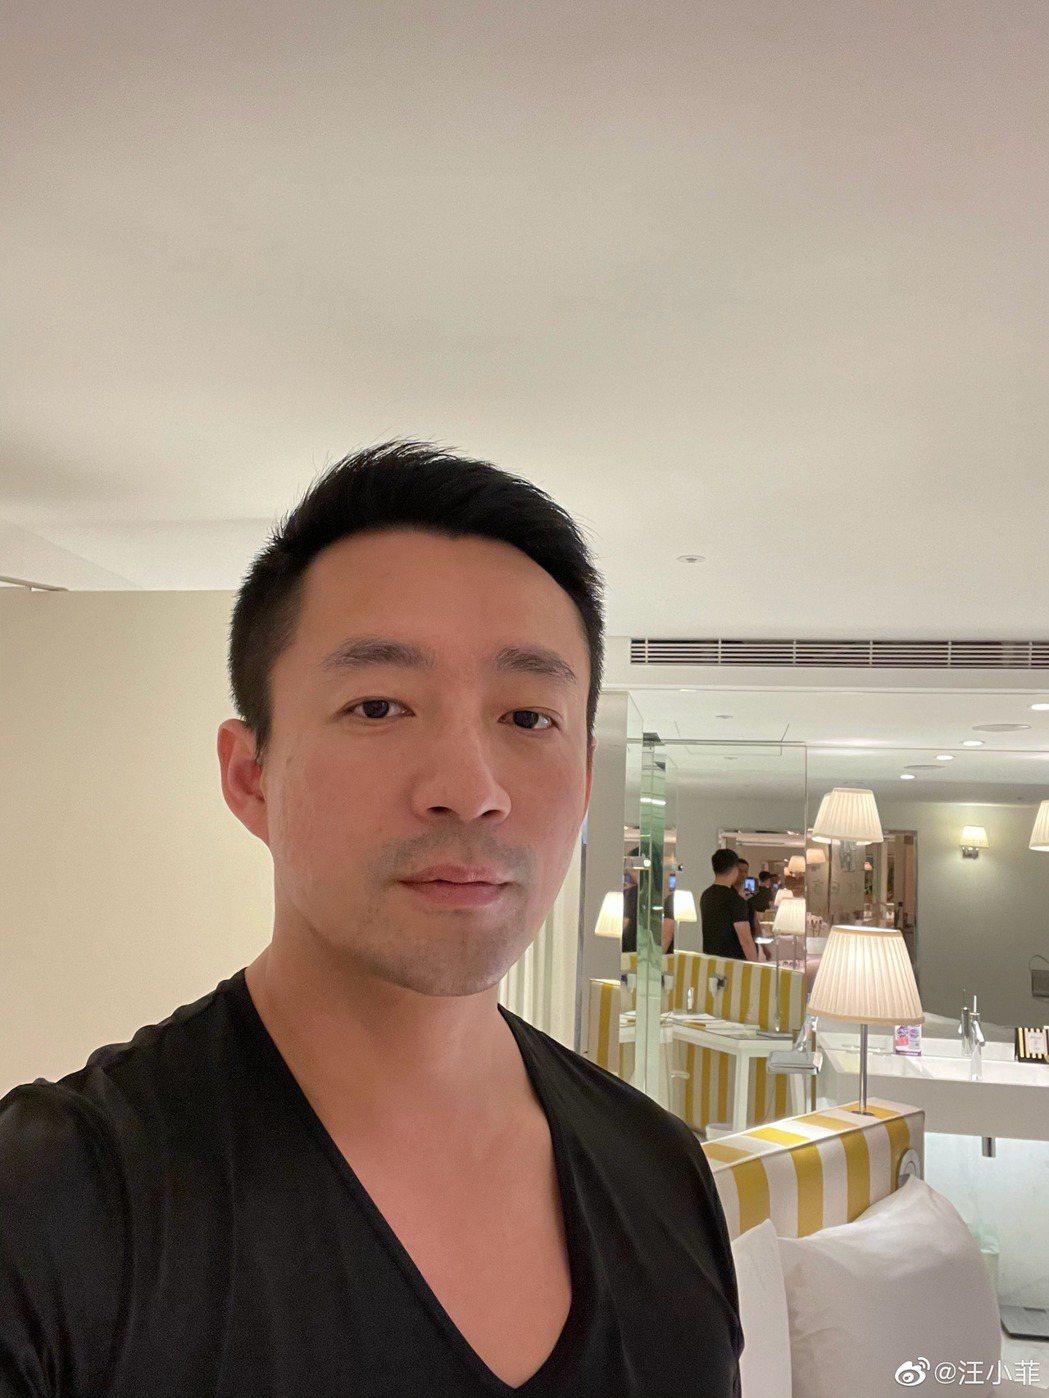 汪小菲在台北自家的飯店進行隔離。 圖/擷自汪小菲微博